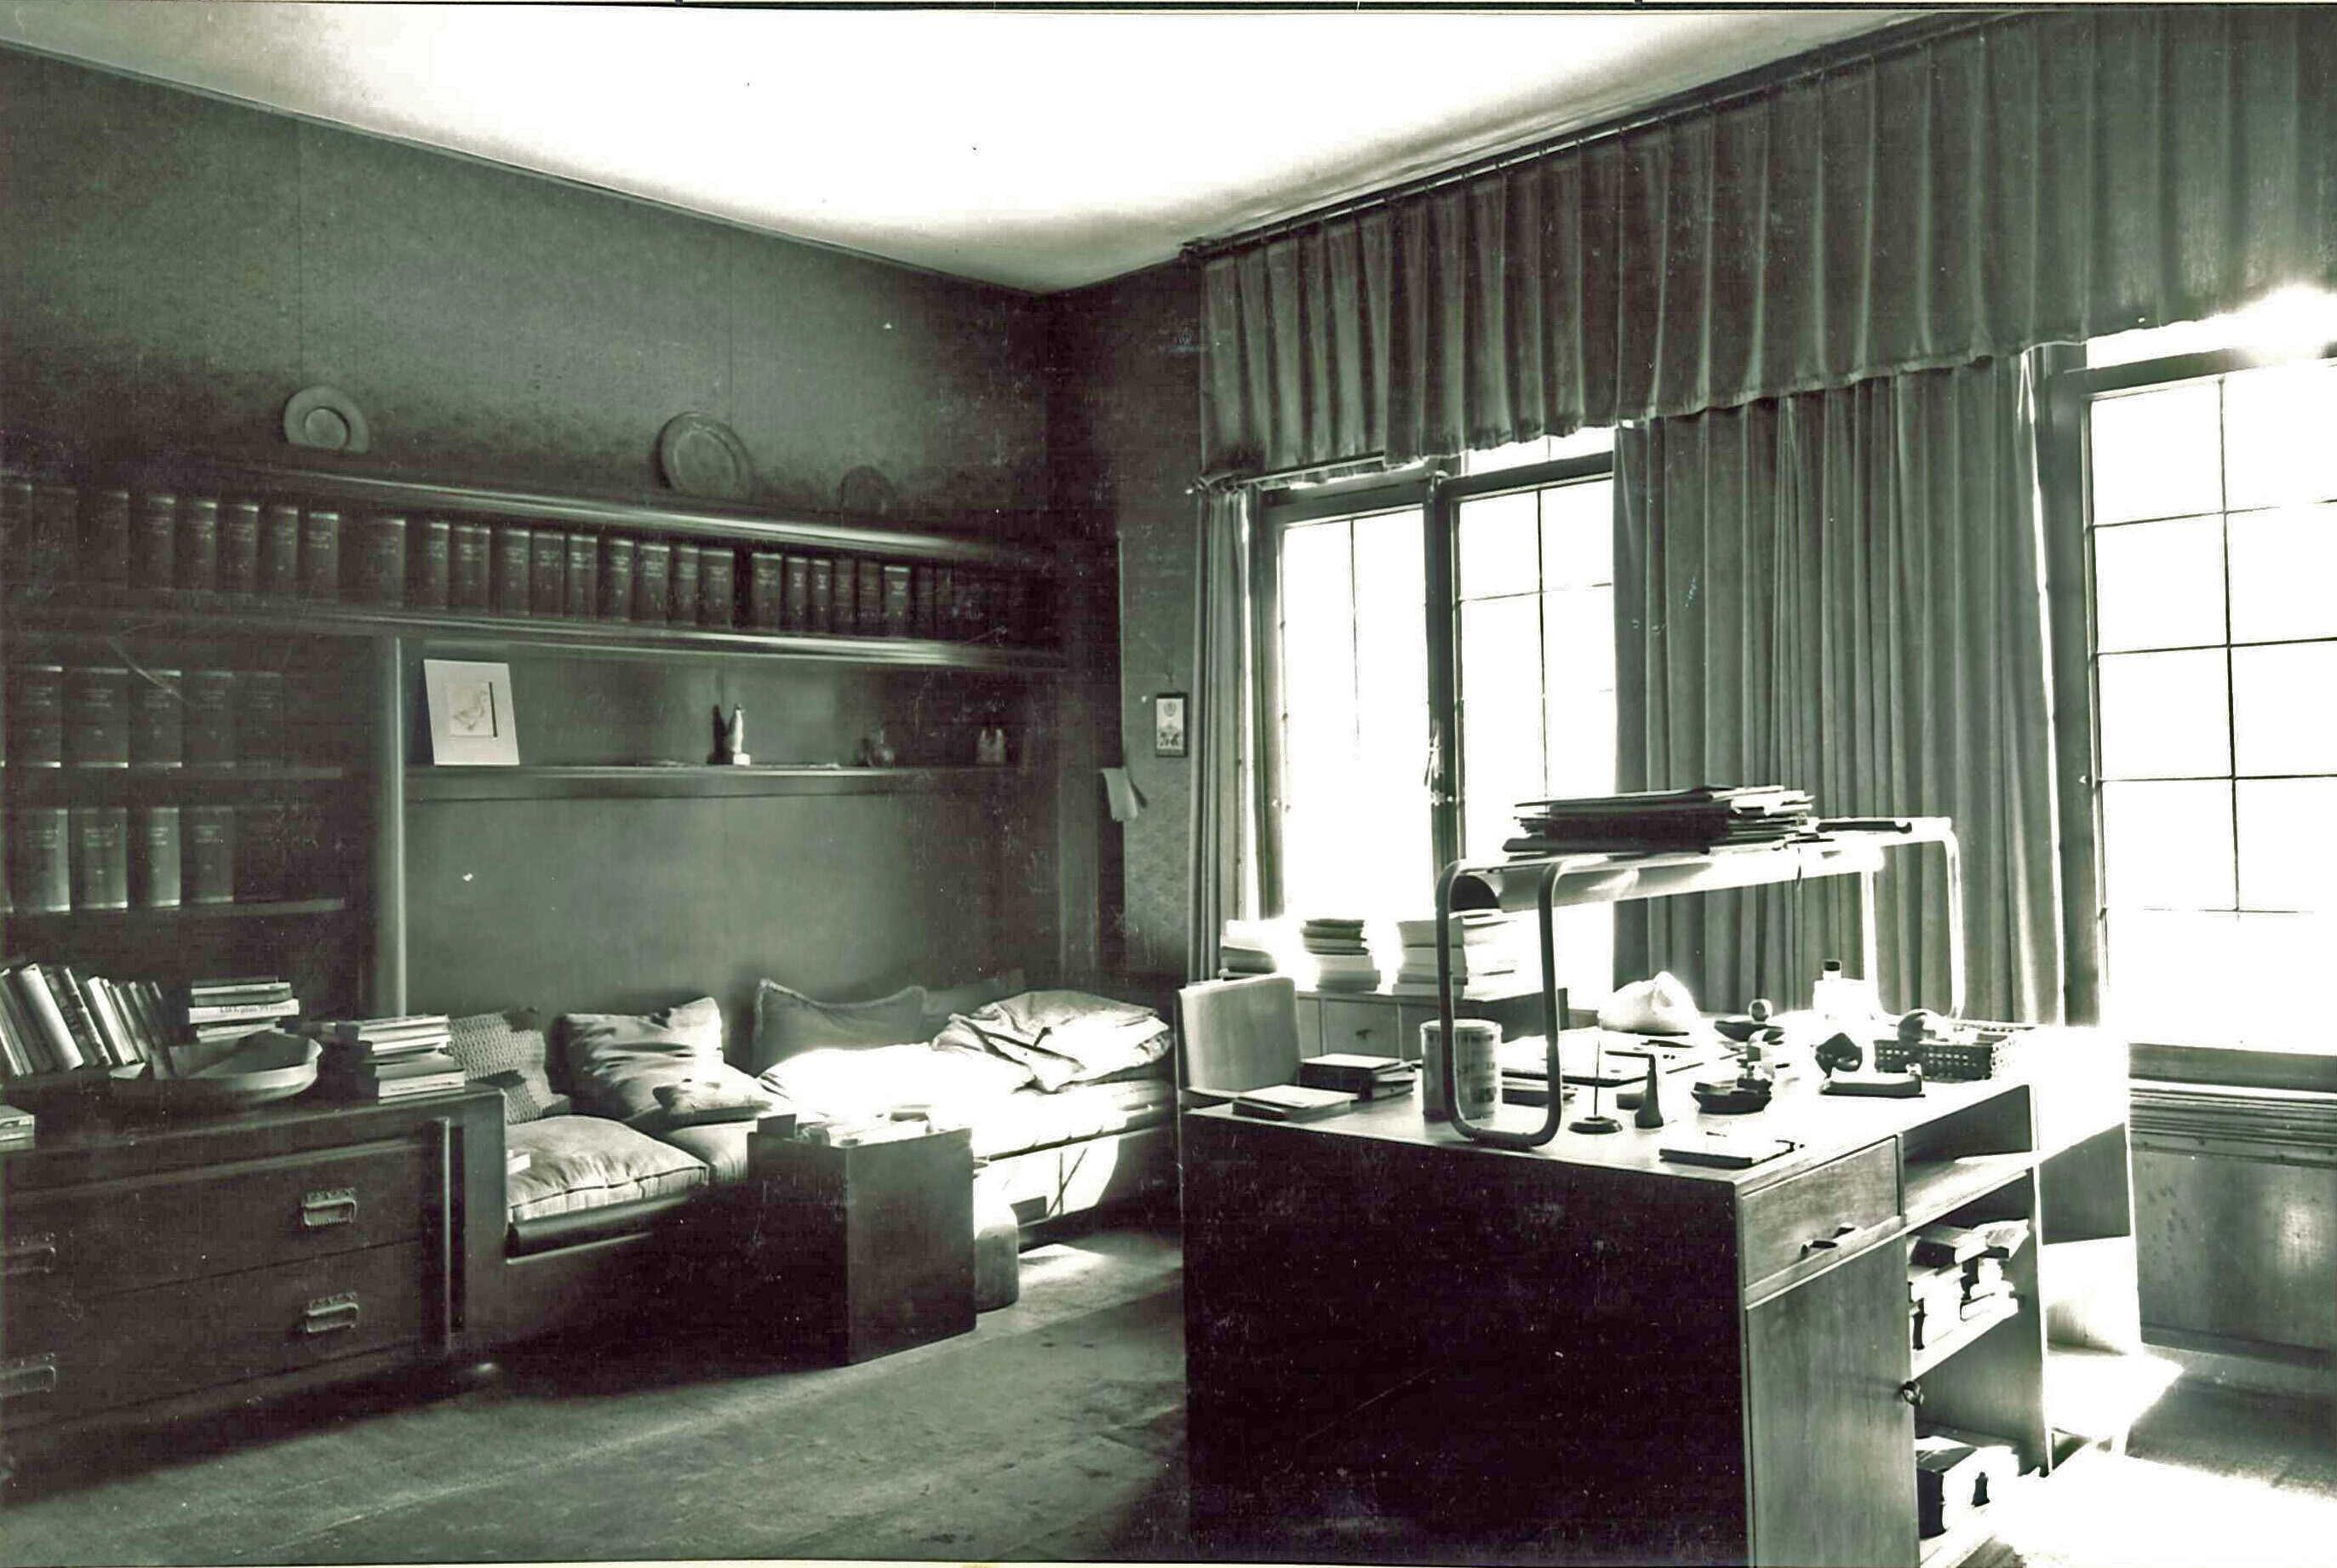 Emejing Interieur 1920 Pictures - Ideeën Voor Thuis - ibarakijets.org